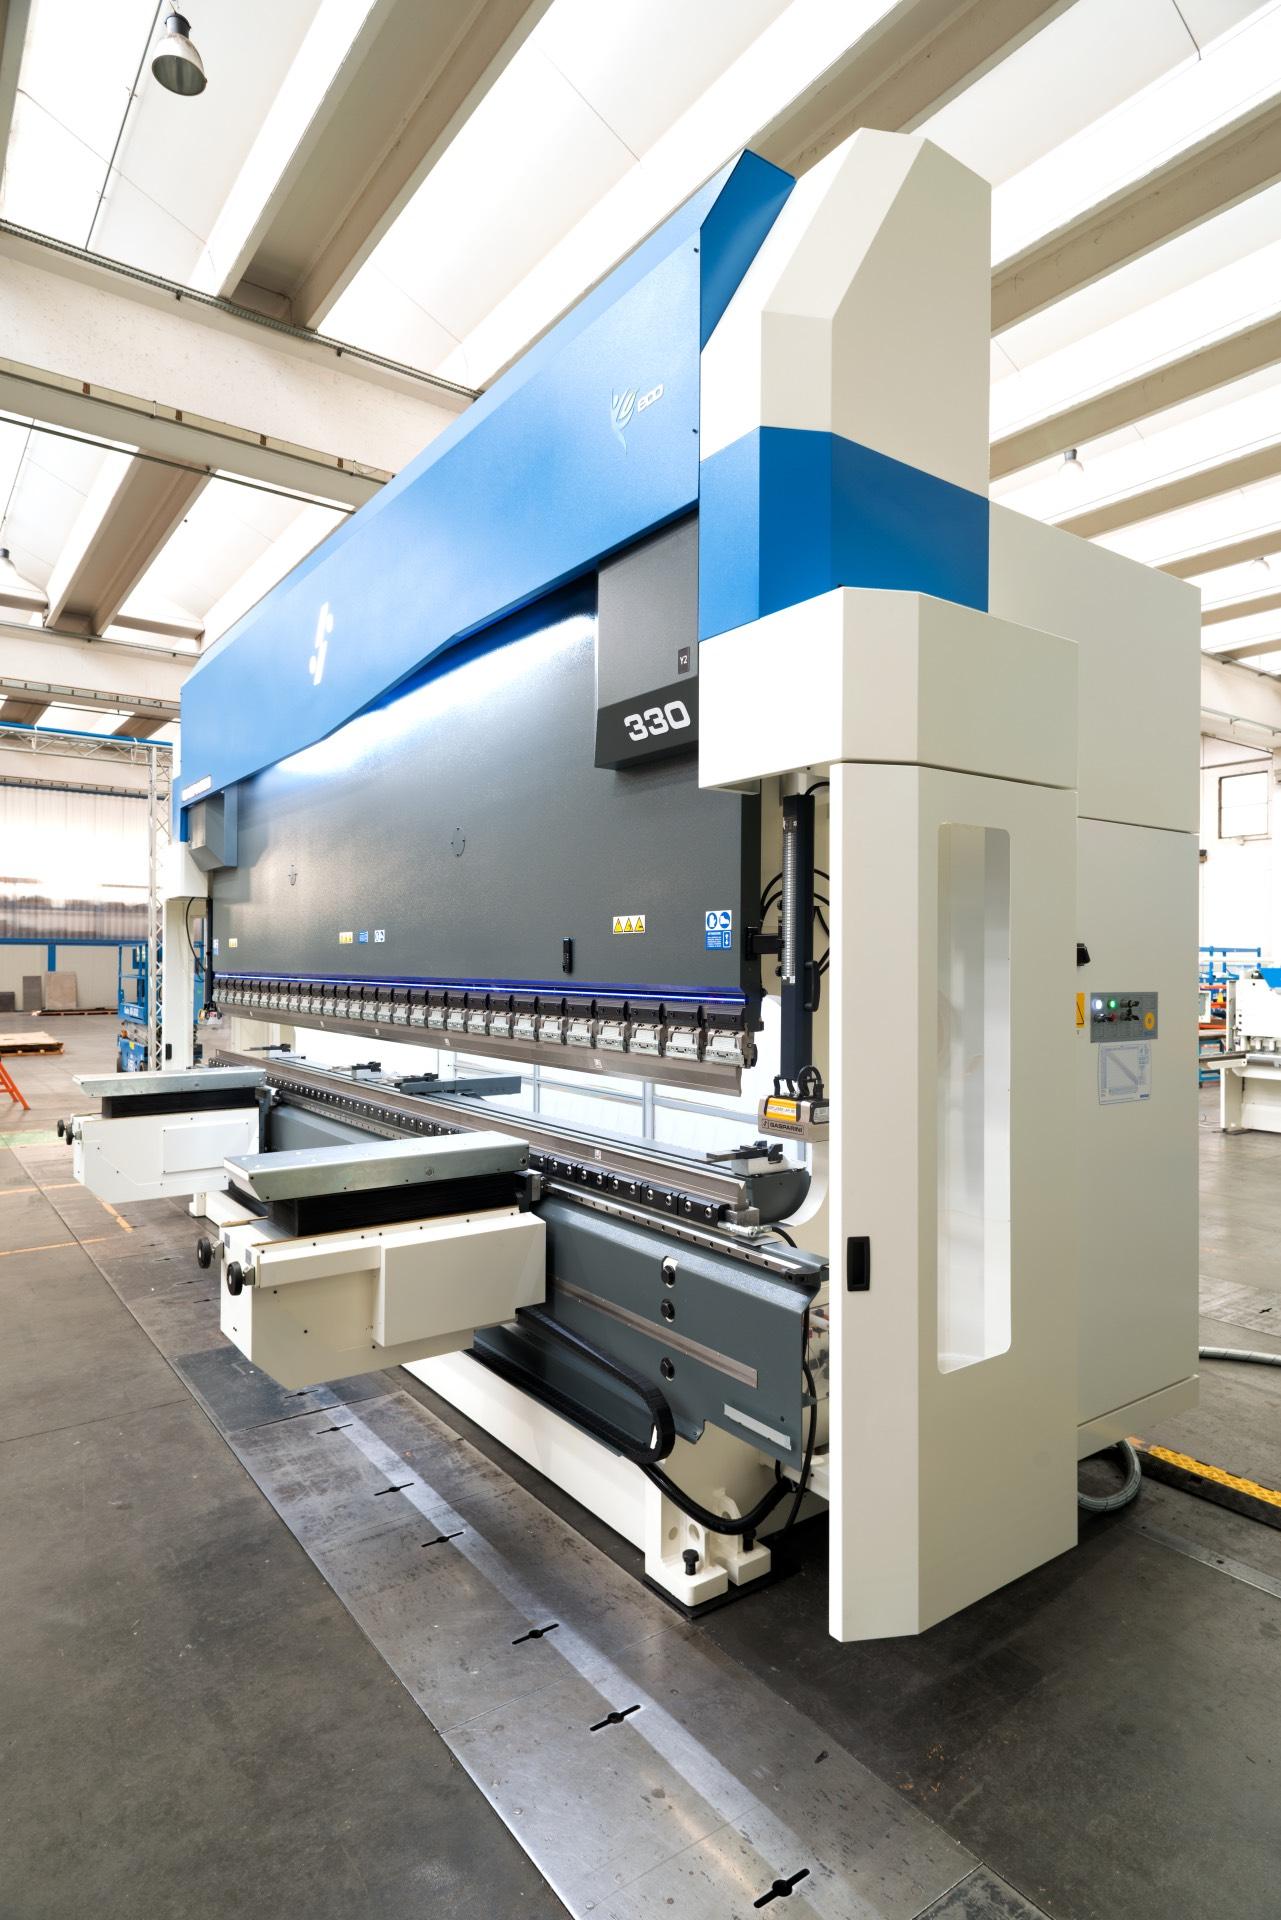 Hydraulisch abkantpresse Neu Italienisch Industrie 4.0